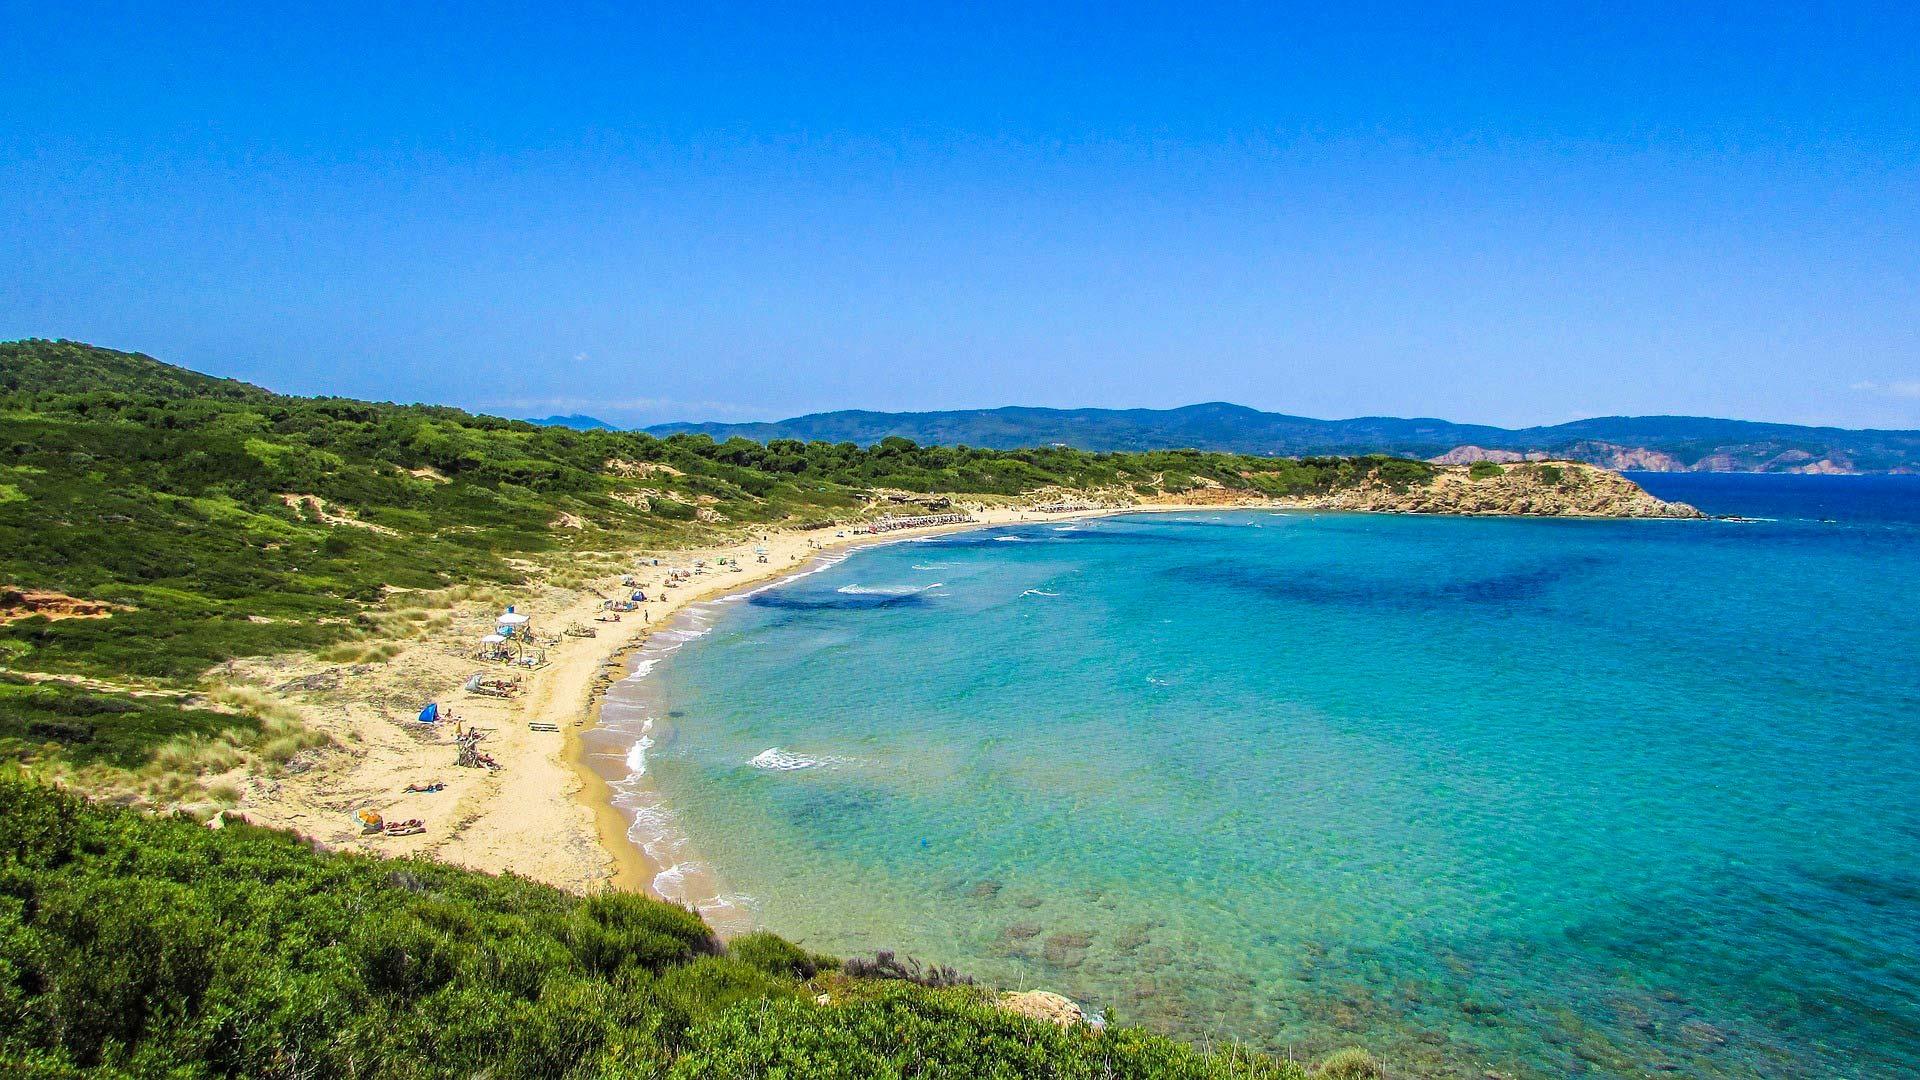 Cosa fare a Skiathos: godersi una giornata di relax in spiaggia